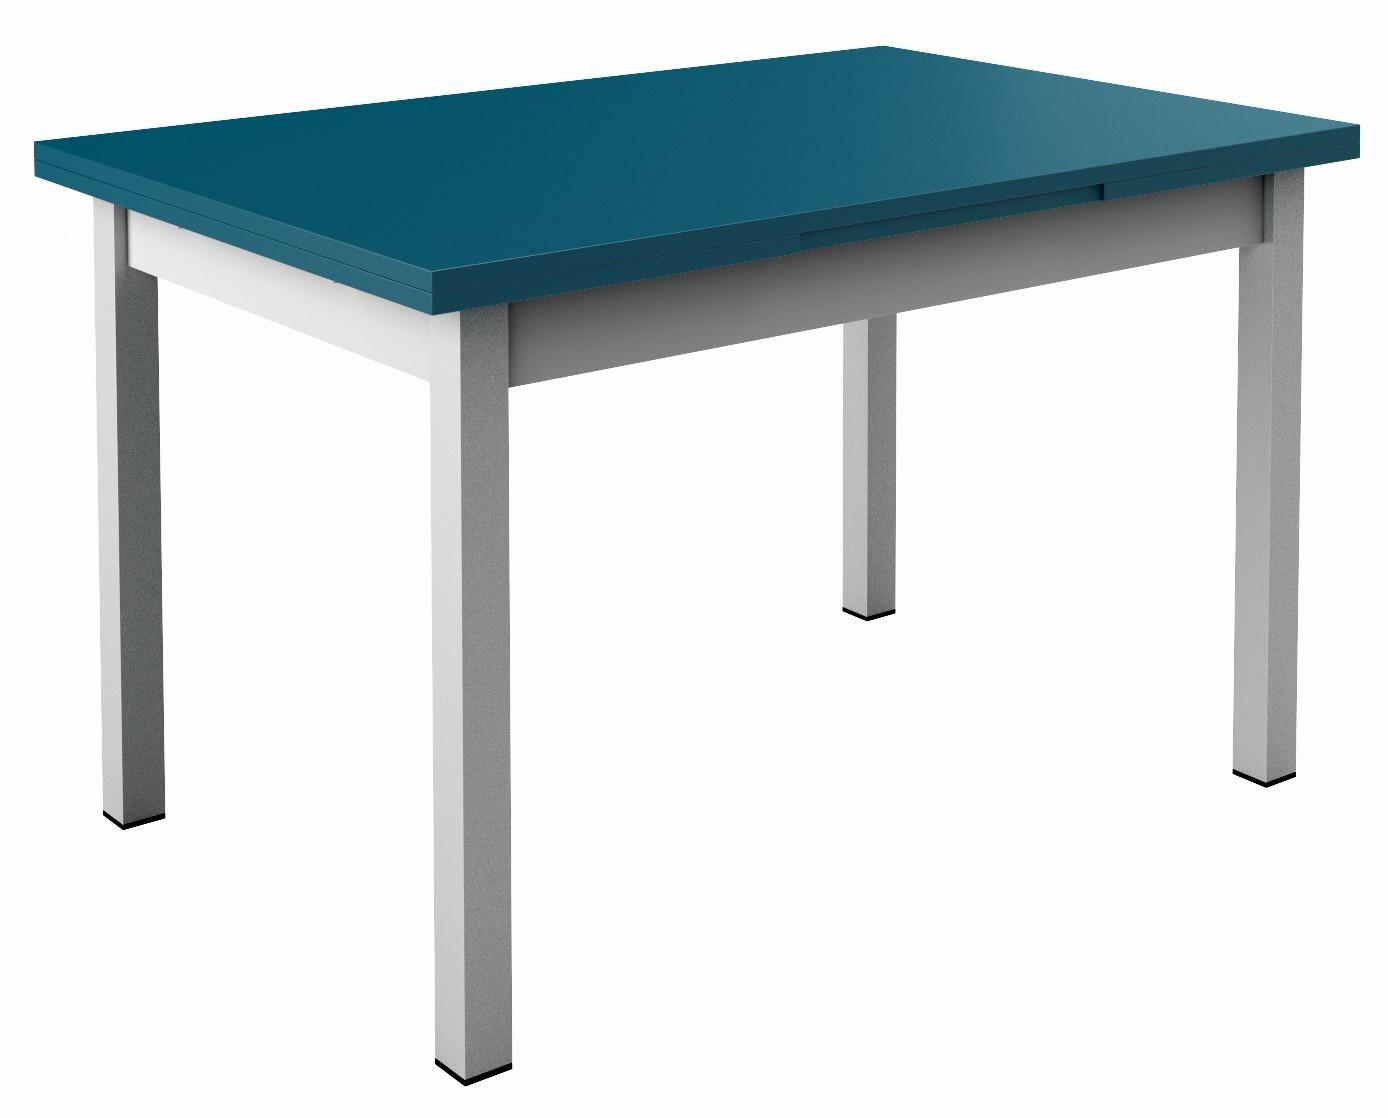 table de cuisine bleue a rallonges choix de coloris fabrication francaise de qualite